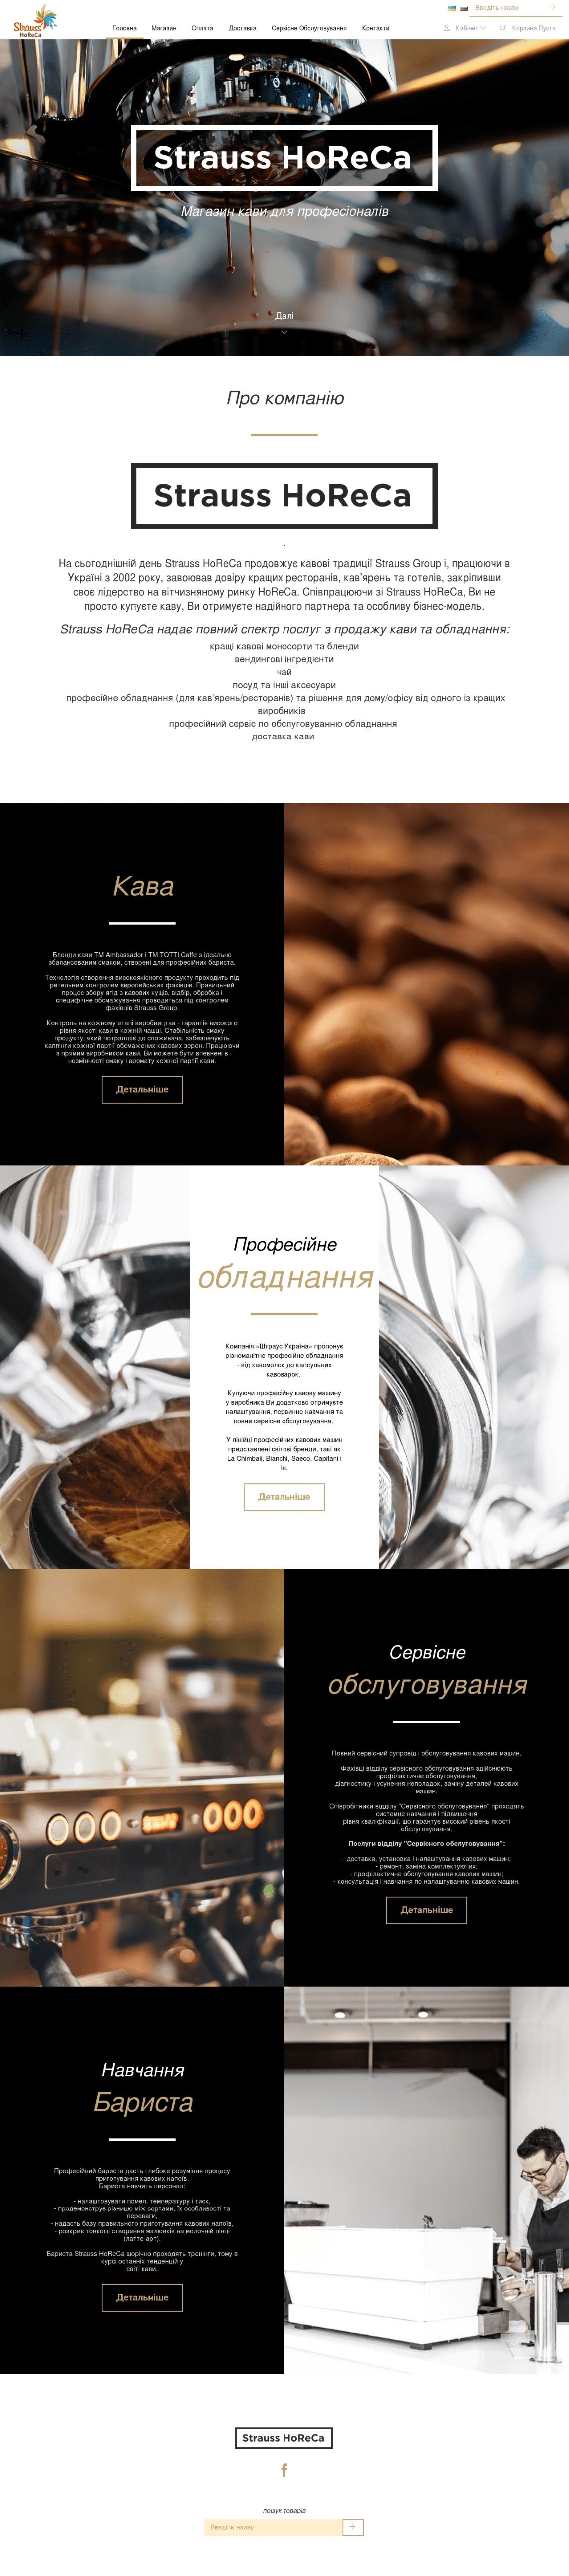 sajt_magazina_kofe_i_kofejnogo_oborudovaniya_strauss_horeca